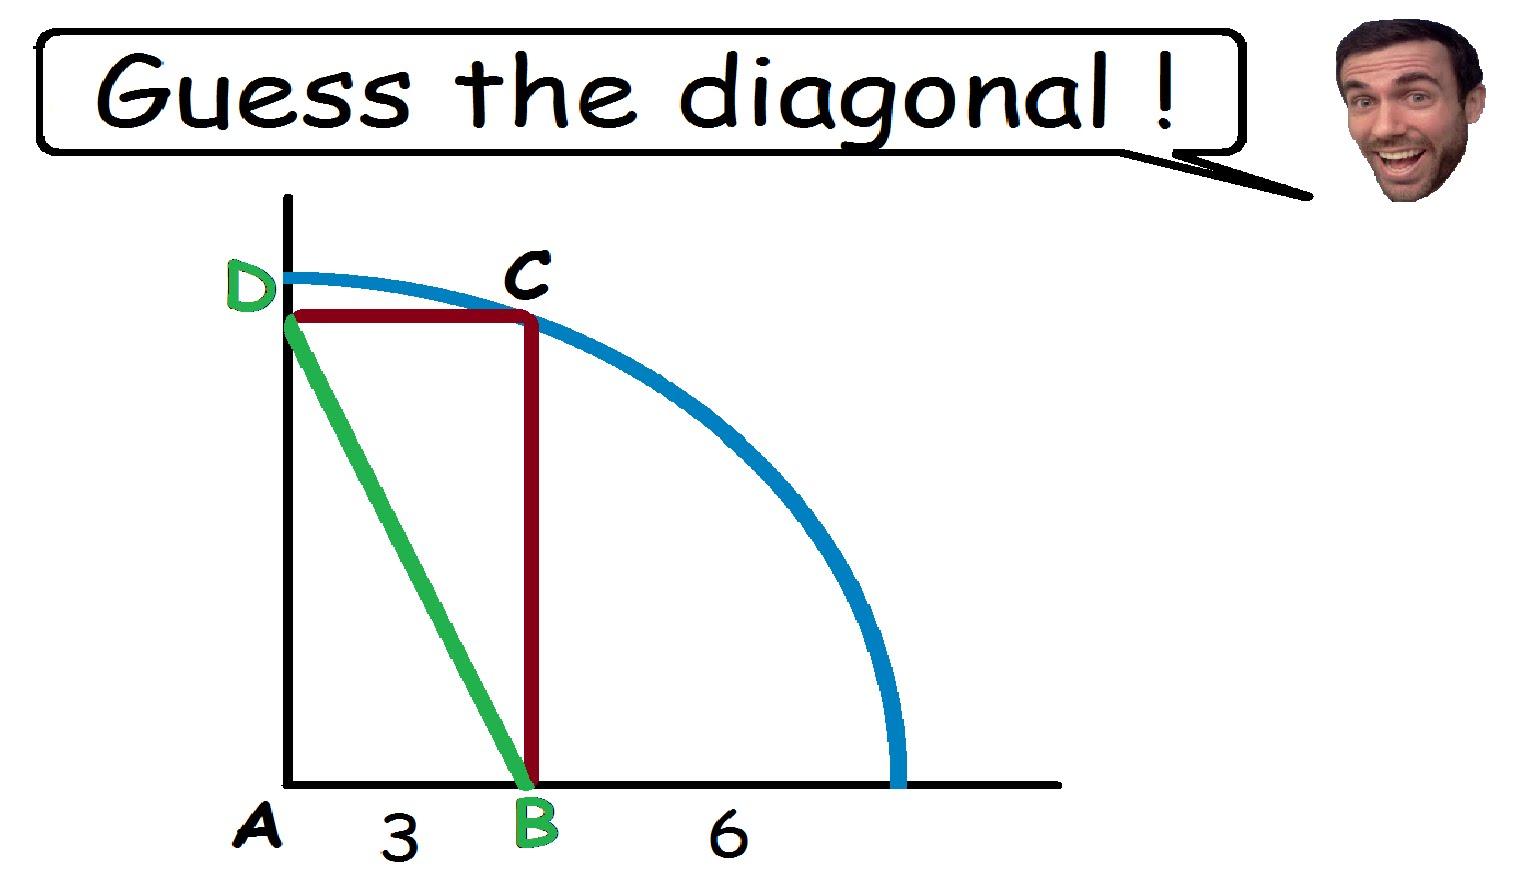 Brain Teaser Guess The Diagonal